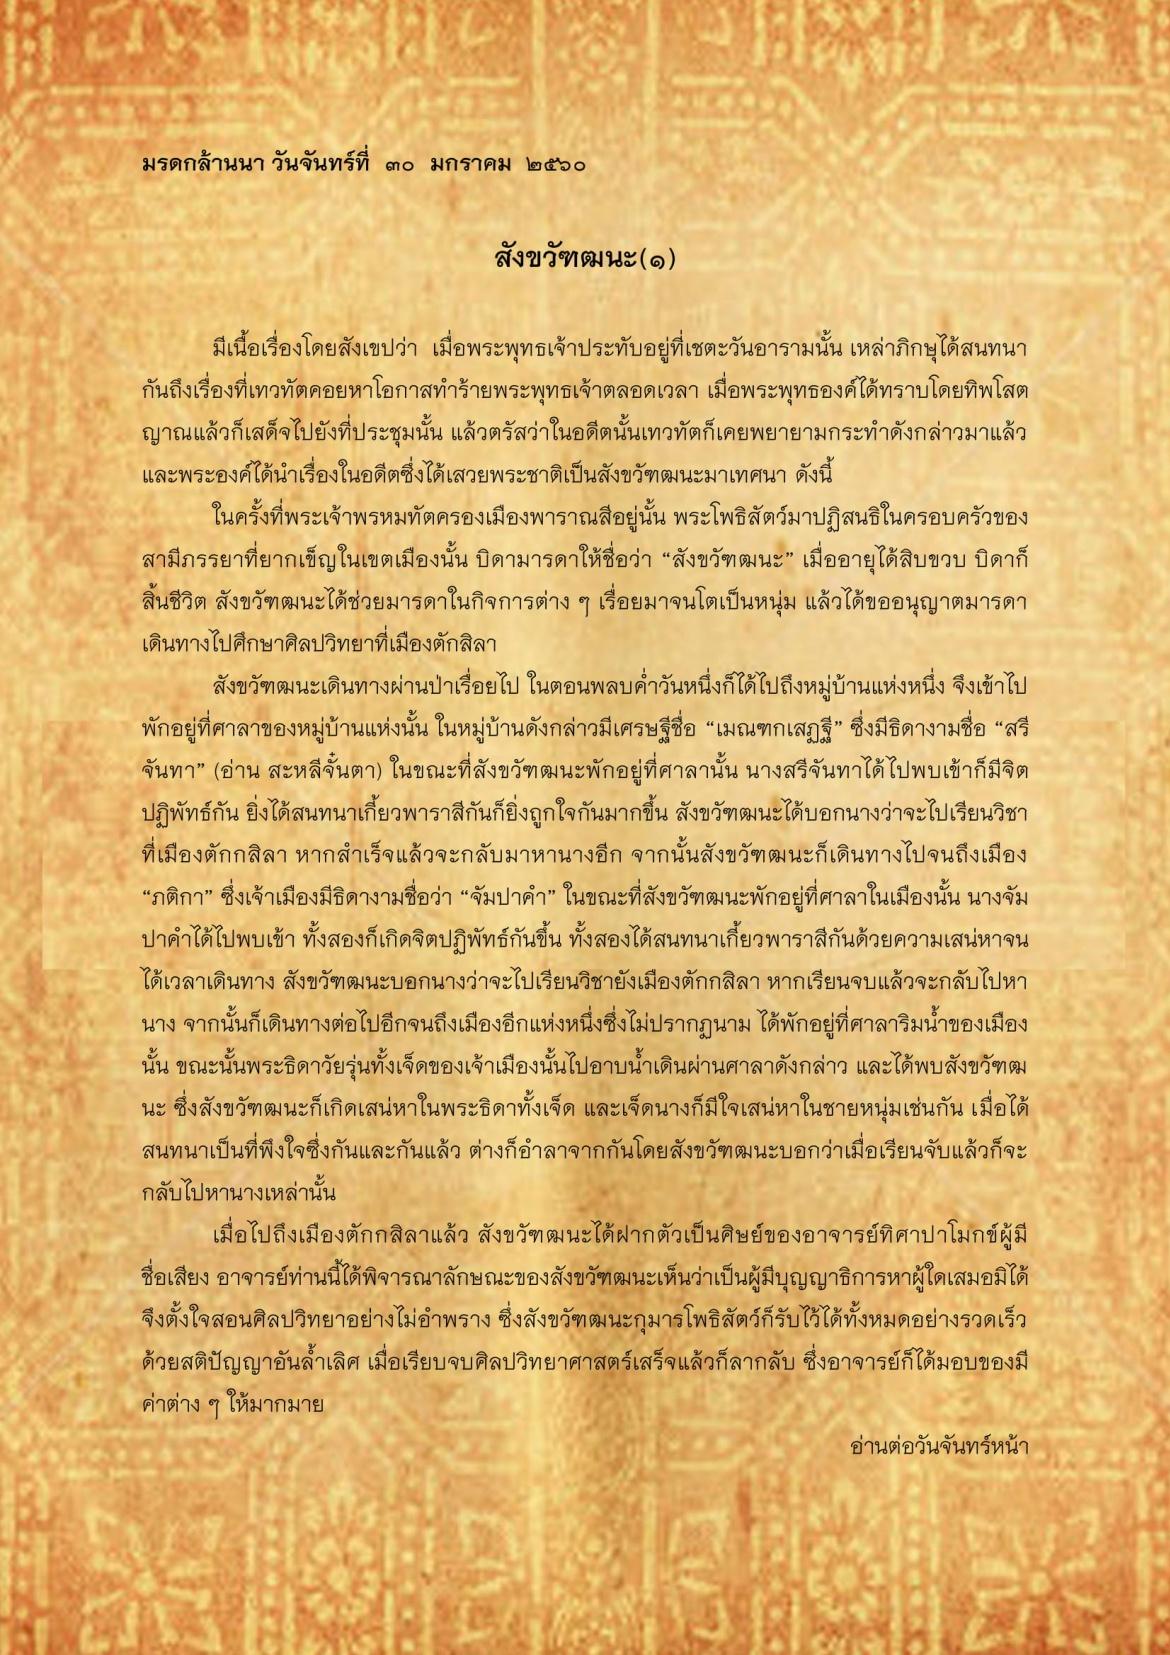 สังขวัฑฒนะ(1) - 30 มกราคม 2560